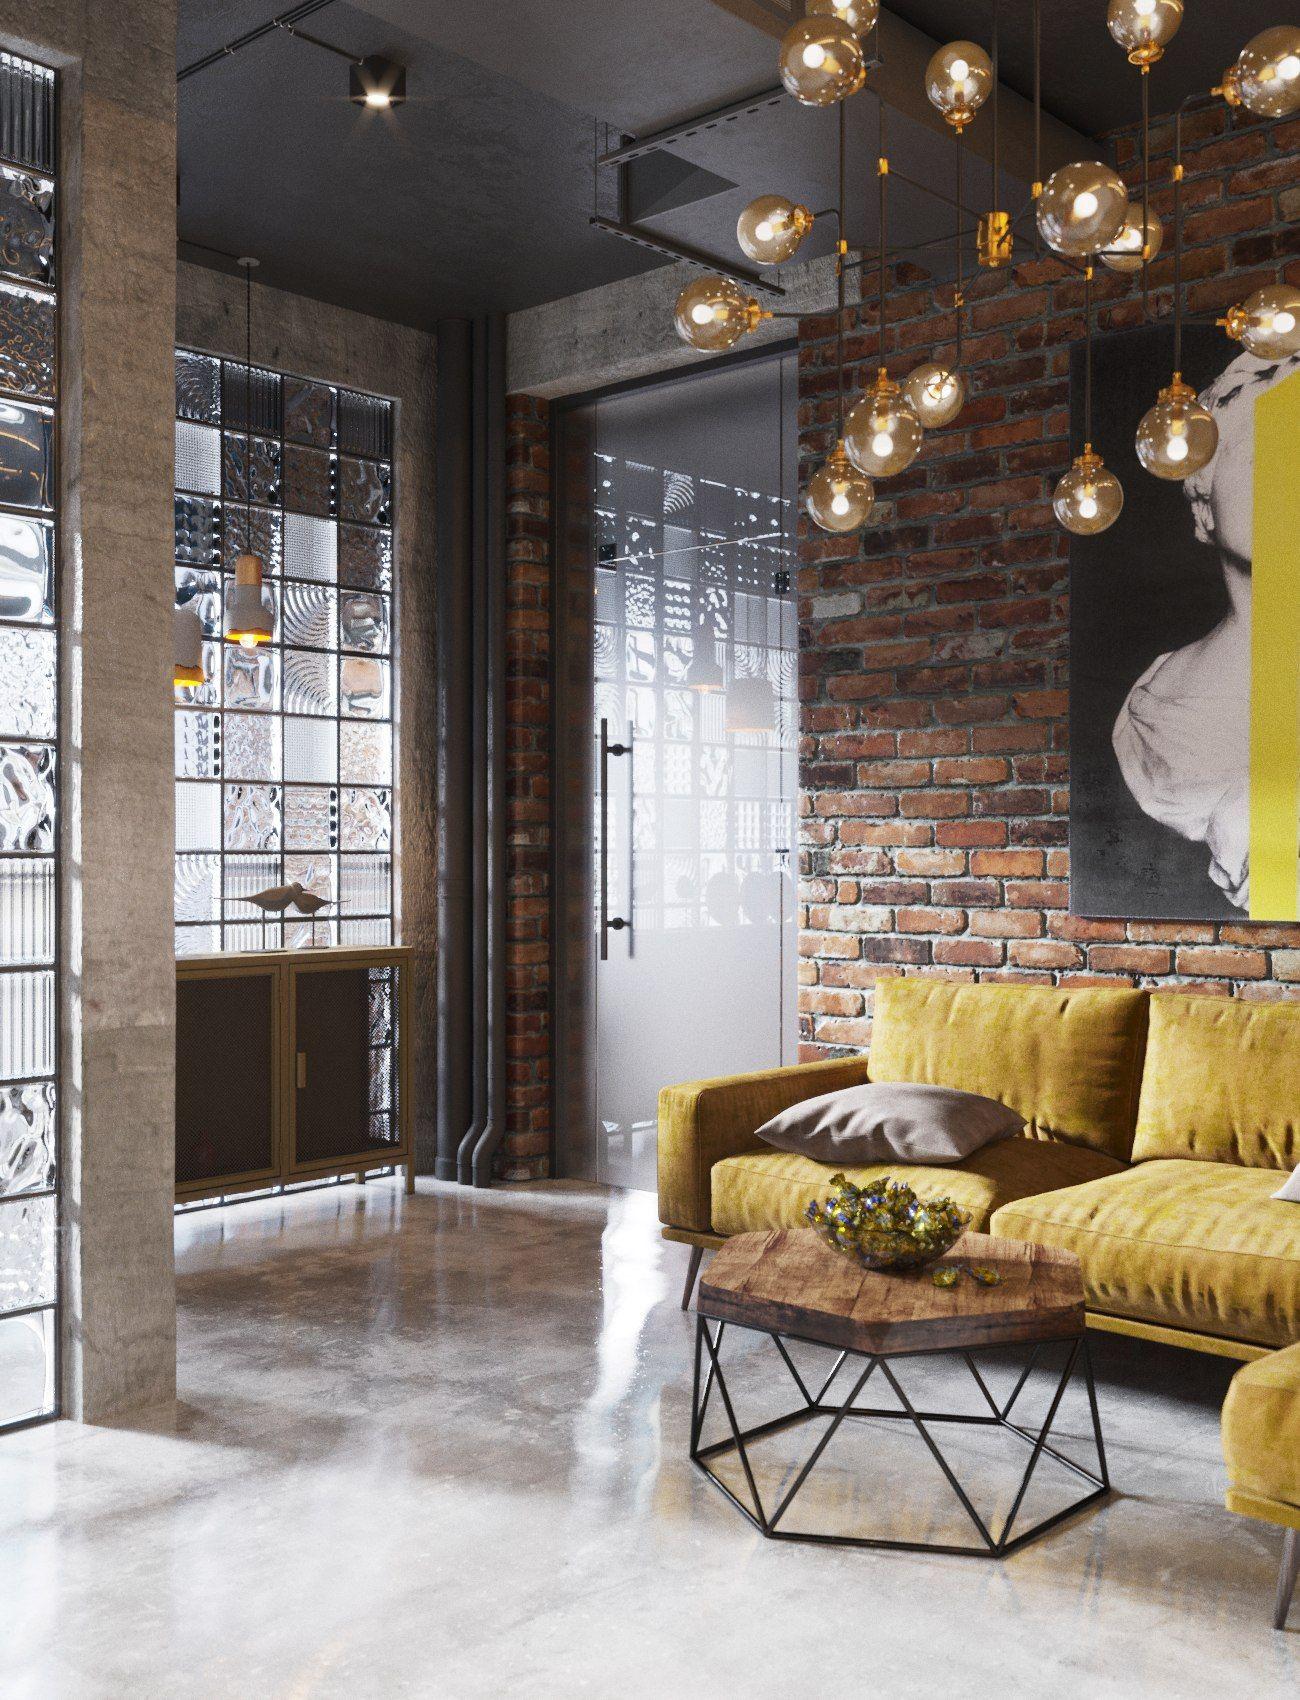 14 Wohnzimmer industrial einrichten